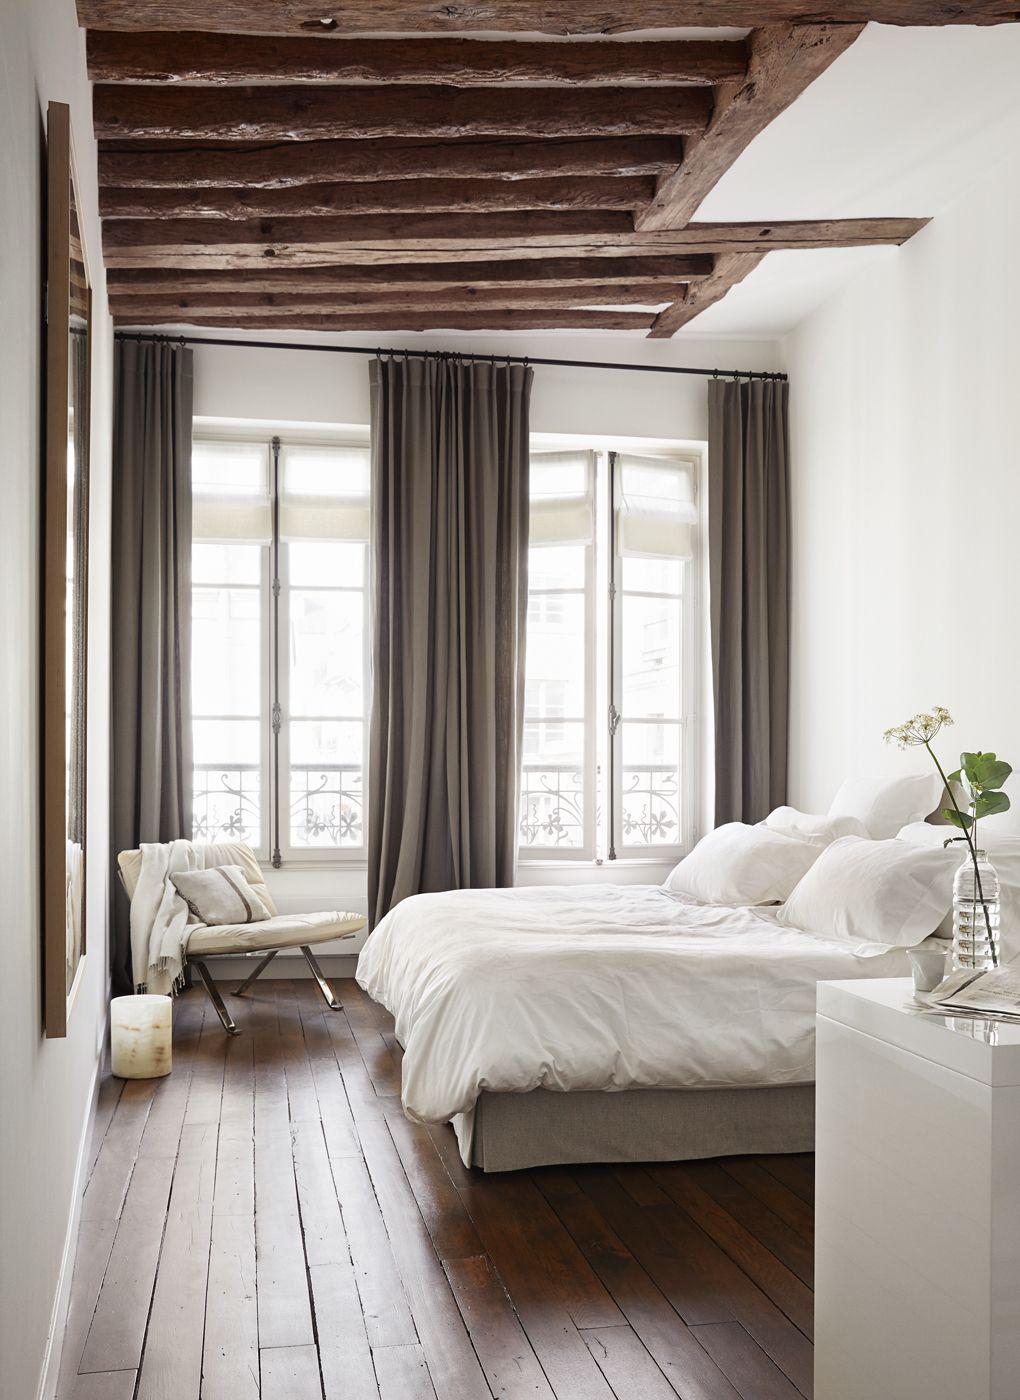 photo portfolio Grands Augustins 2, 75006 Paris | Bedrooms ...